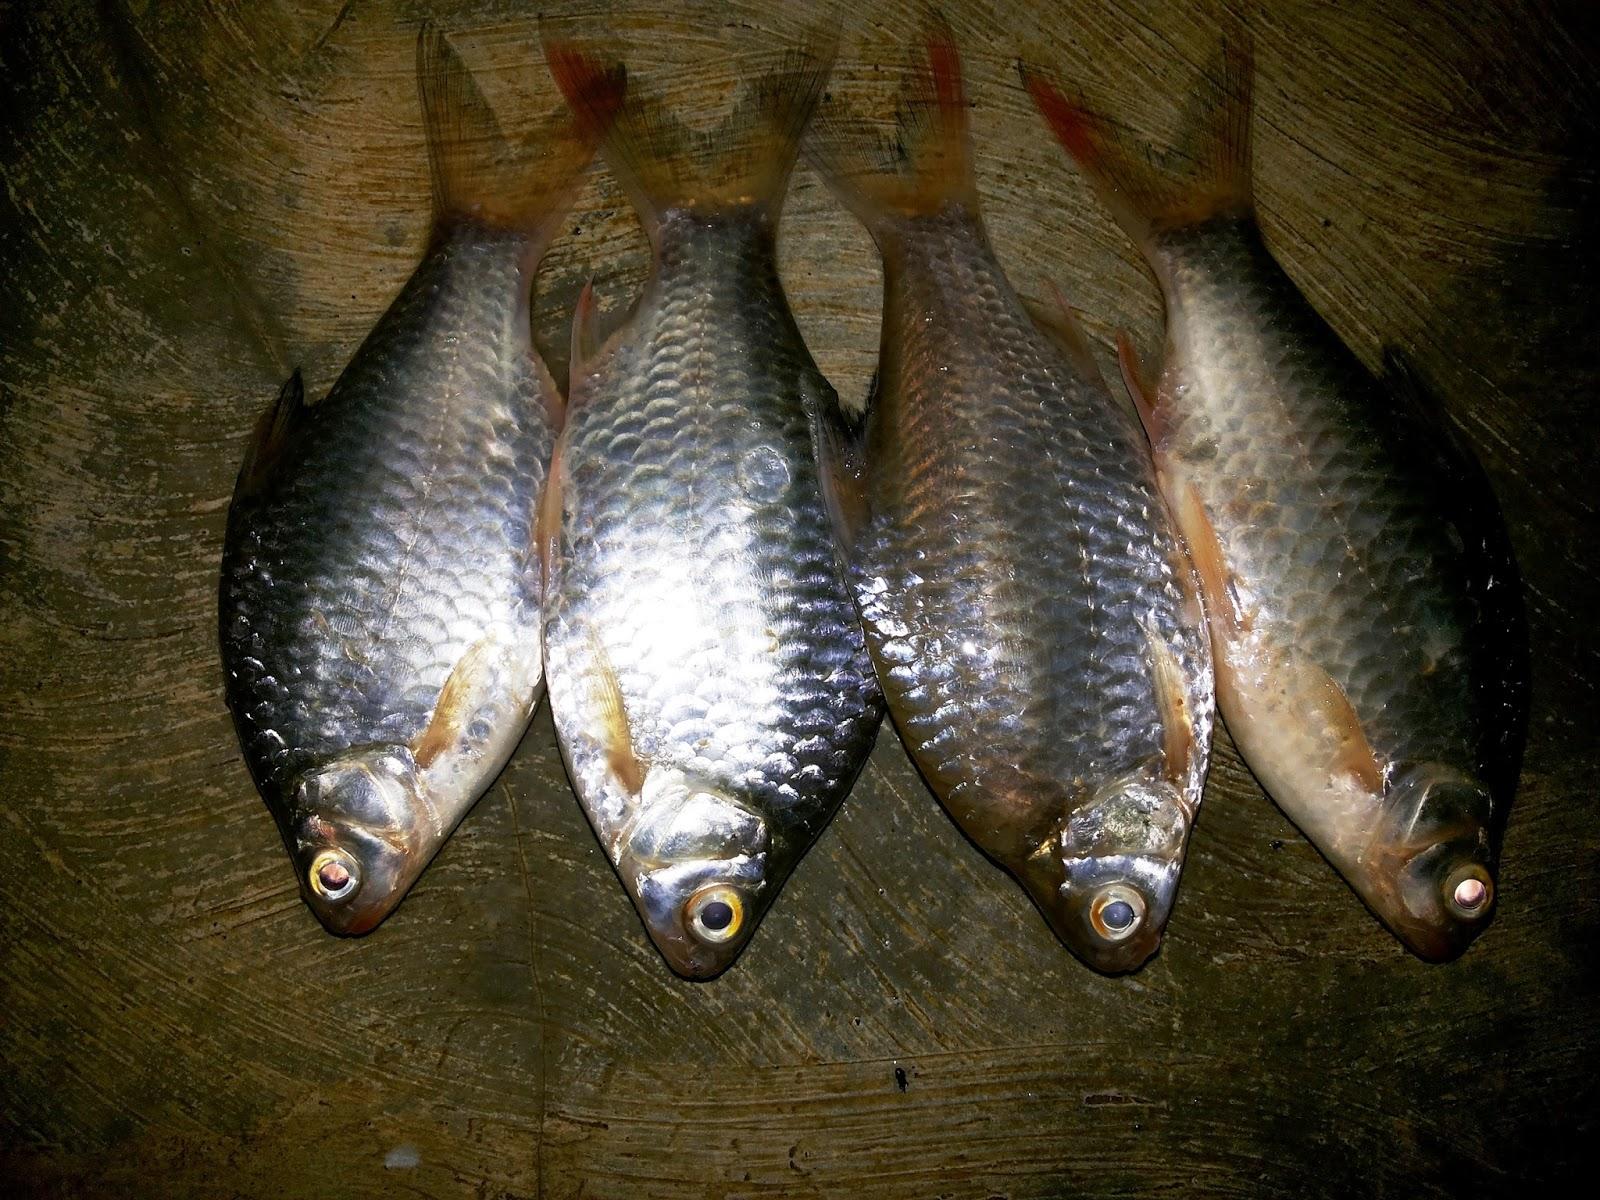 Tekhnik Dan Rangkaian Pancing Untuk Berburu Ikan Tawes